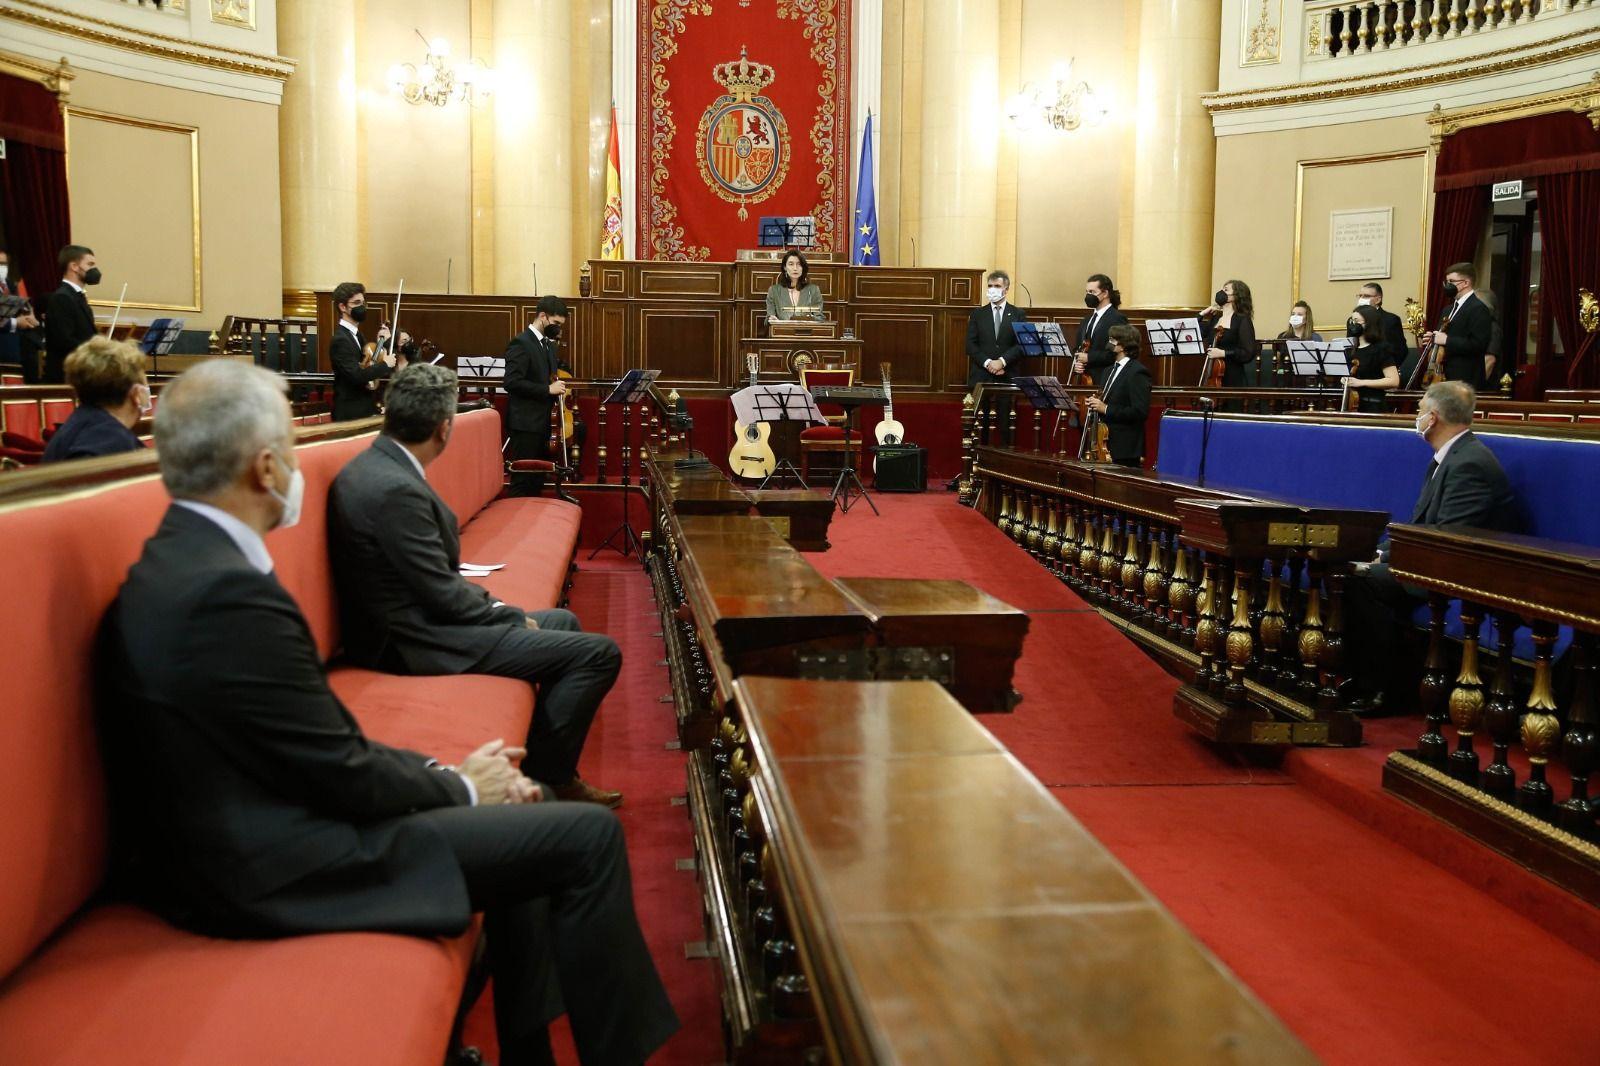 La Camerata Llíria City of Music actúa en el Senado.